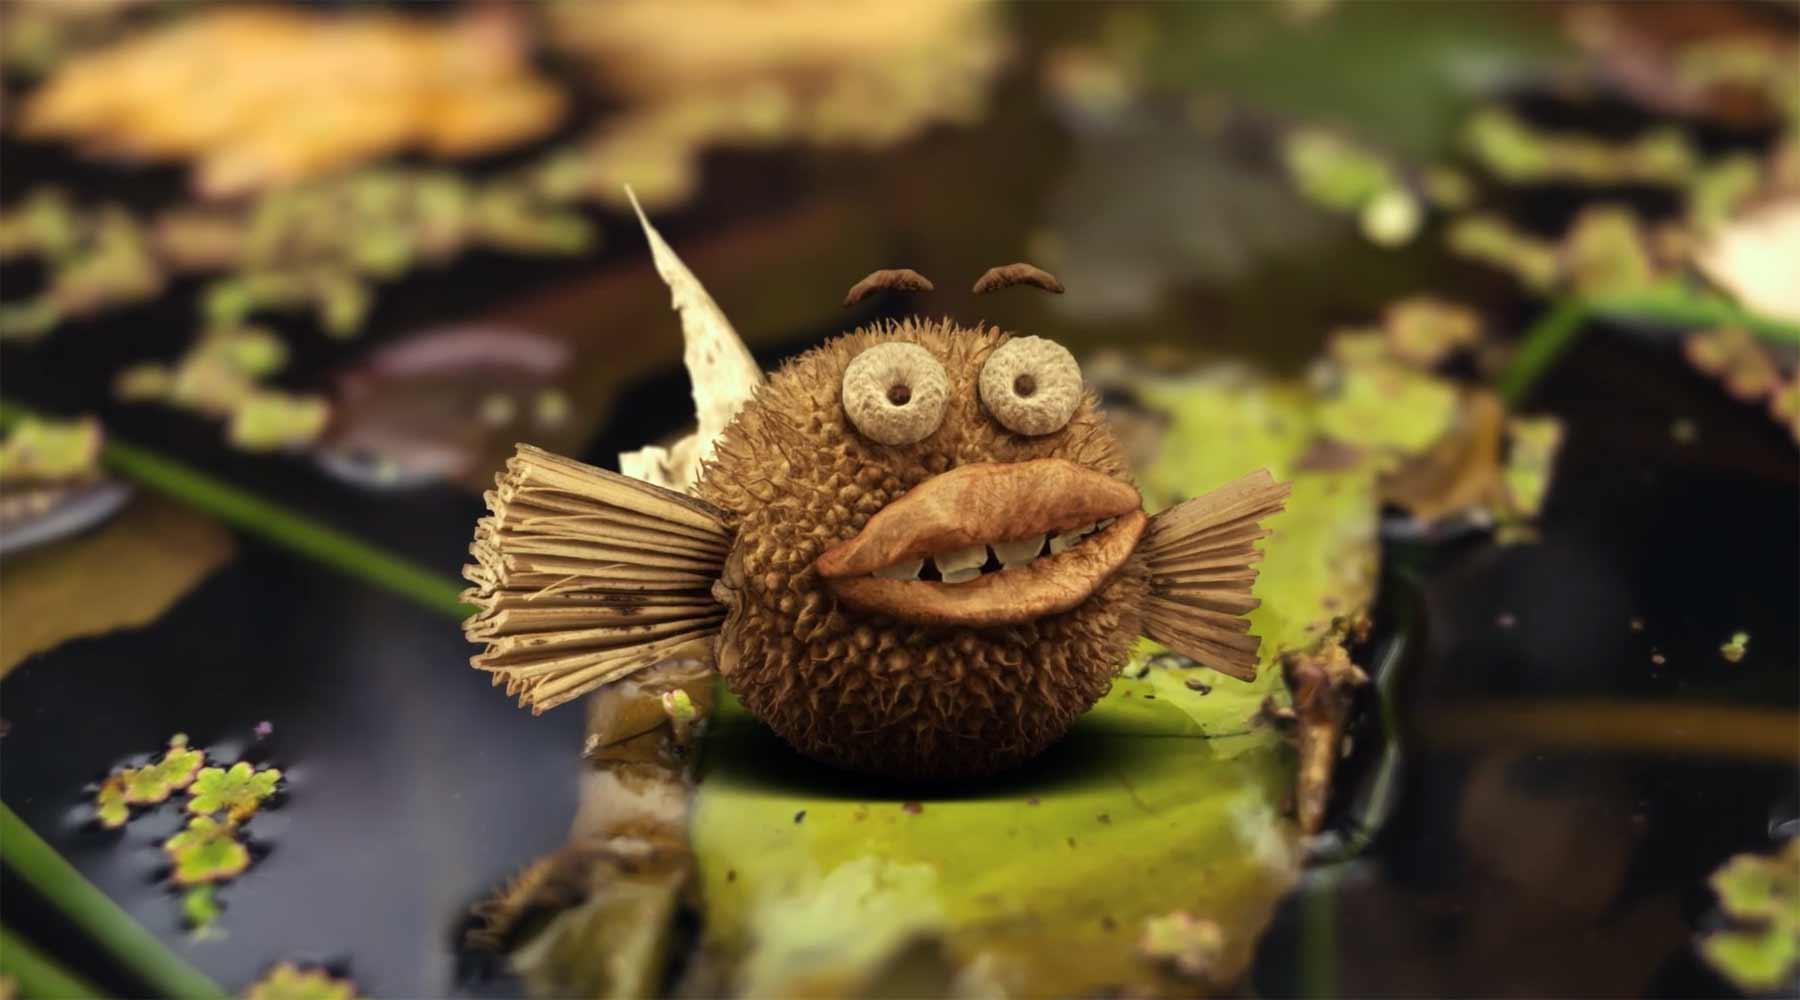 Das Verschwinden zweier Schnecken two-snails-set-off-kurzfilm